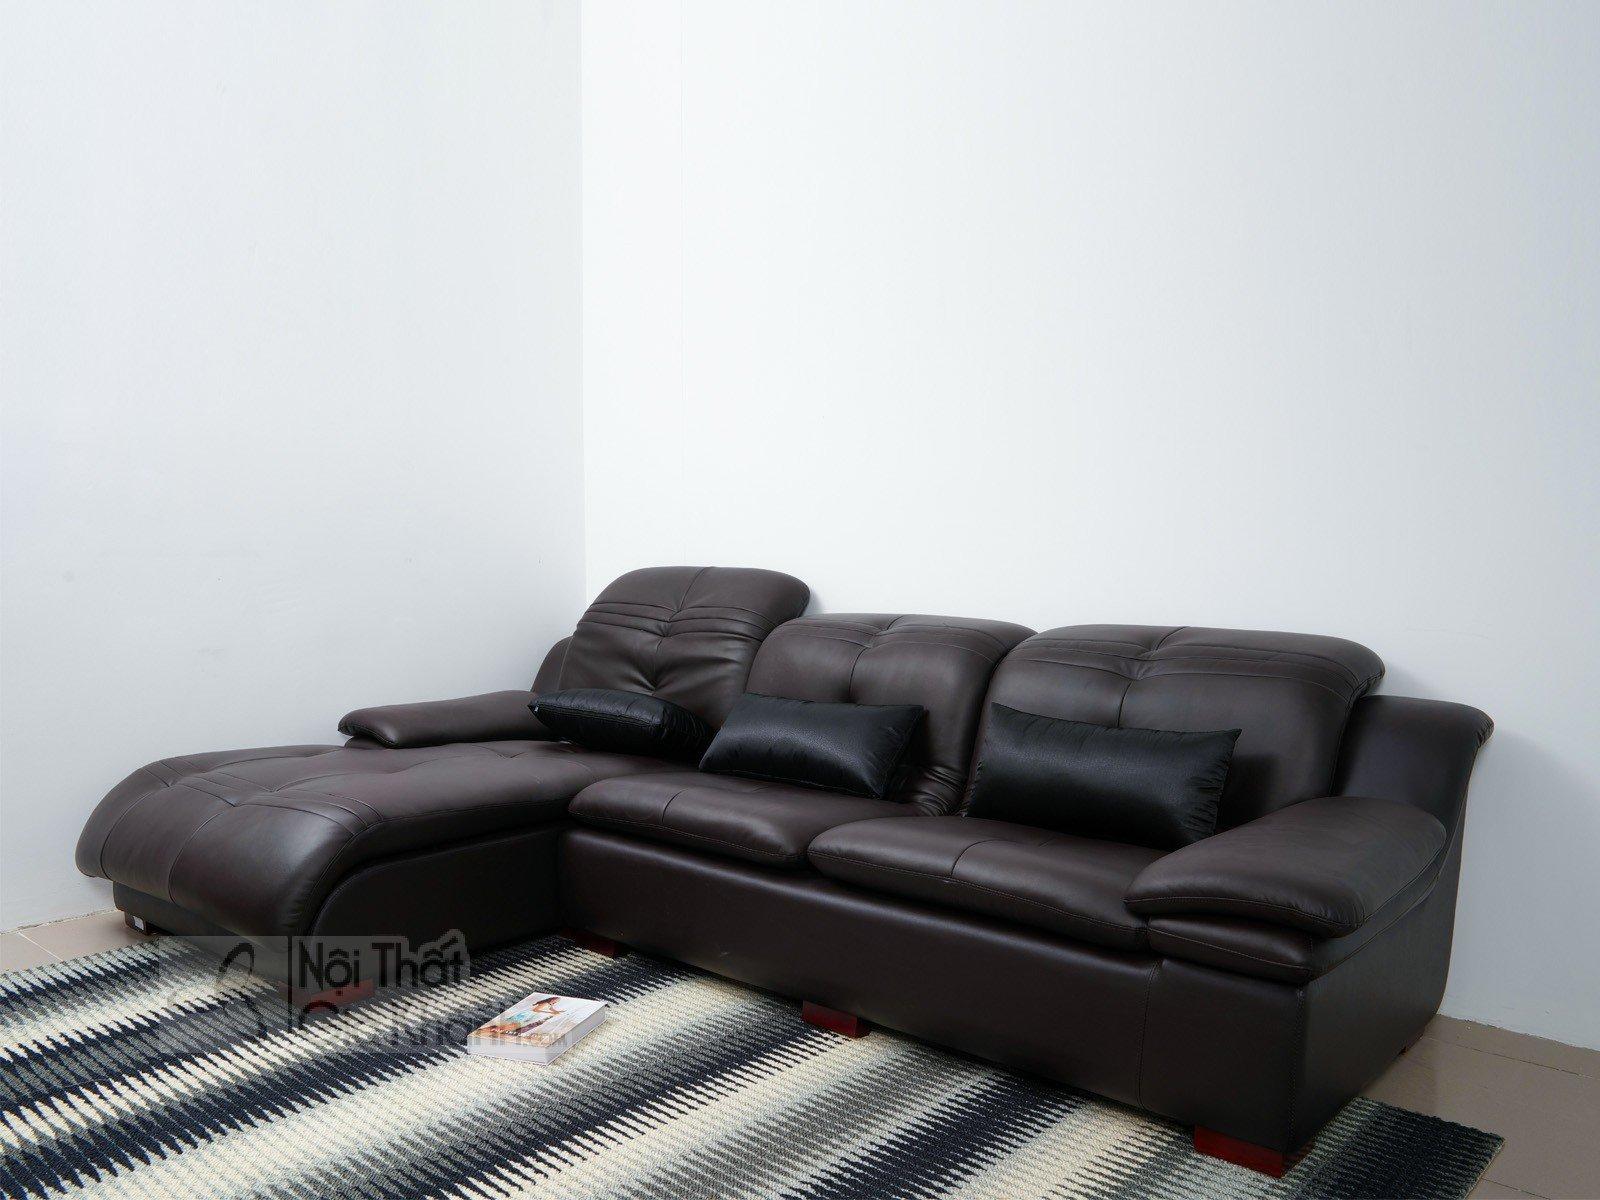 SOFA NÂU CAFE HIỆN ĐẠI 2 BĂNG GÓC PHẢI MÃ 9026SF - sofa hien dai 9026SF 3020x1800 5